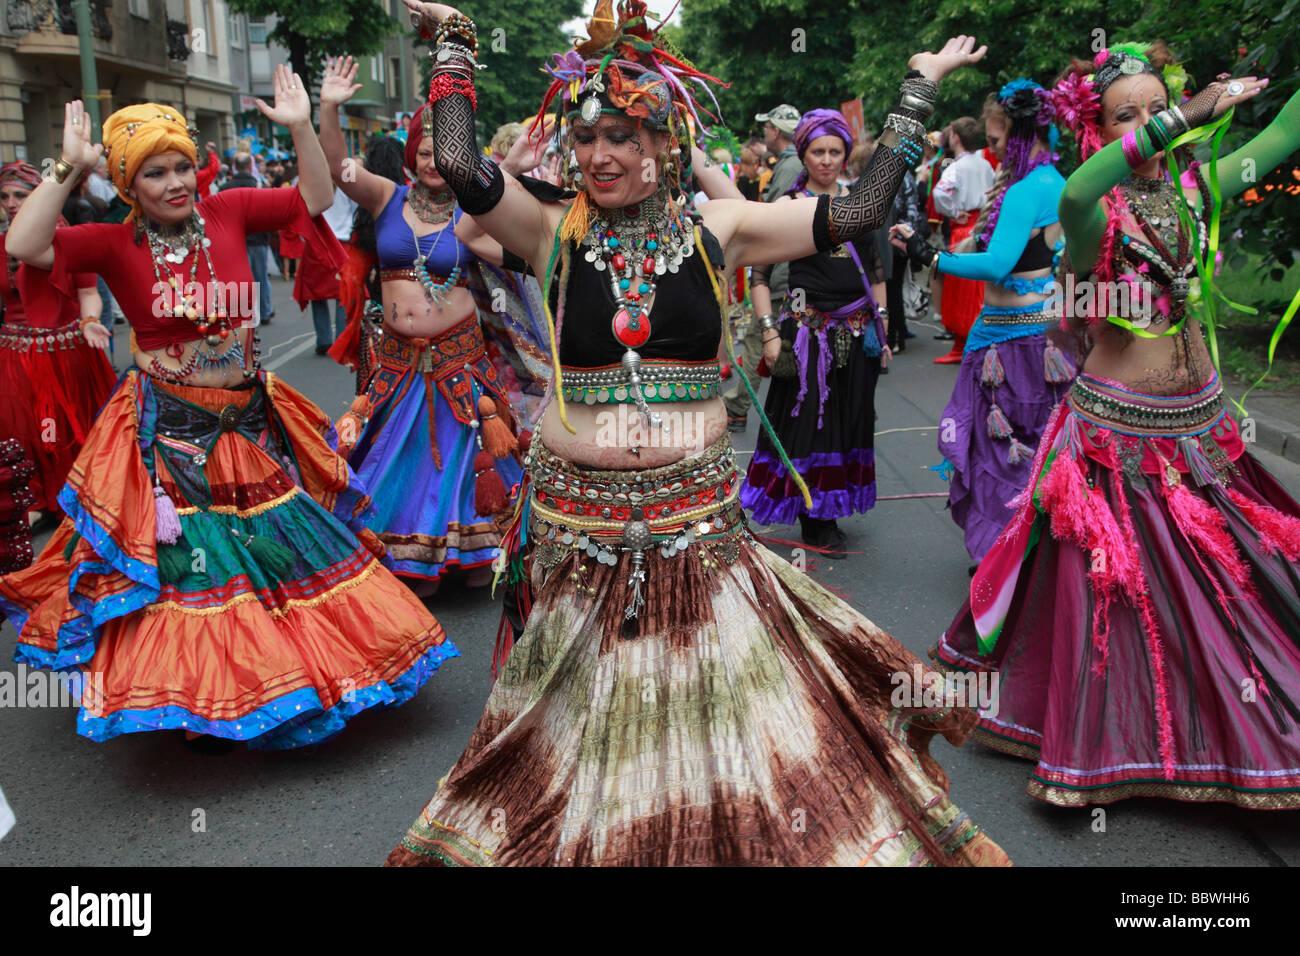 Carnaval de las Culturas de Berlín Alemania bailando mujeres Imagen De Stock